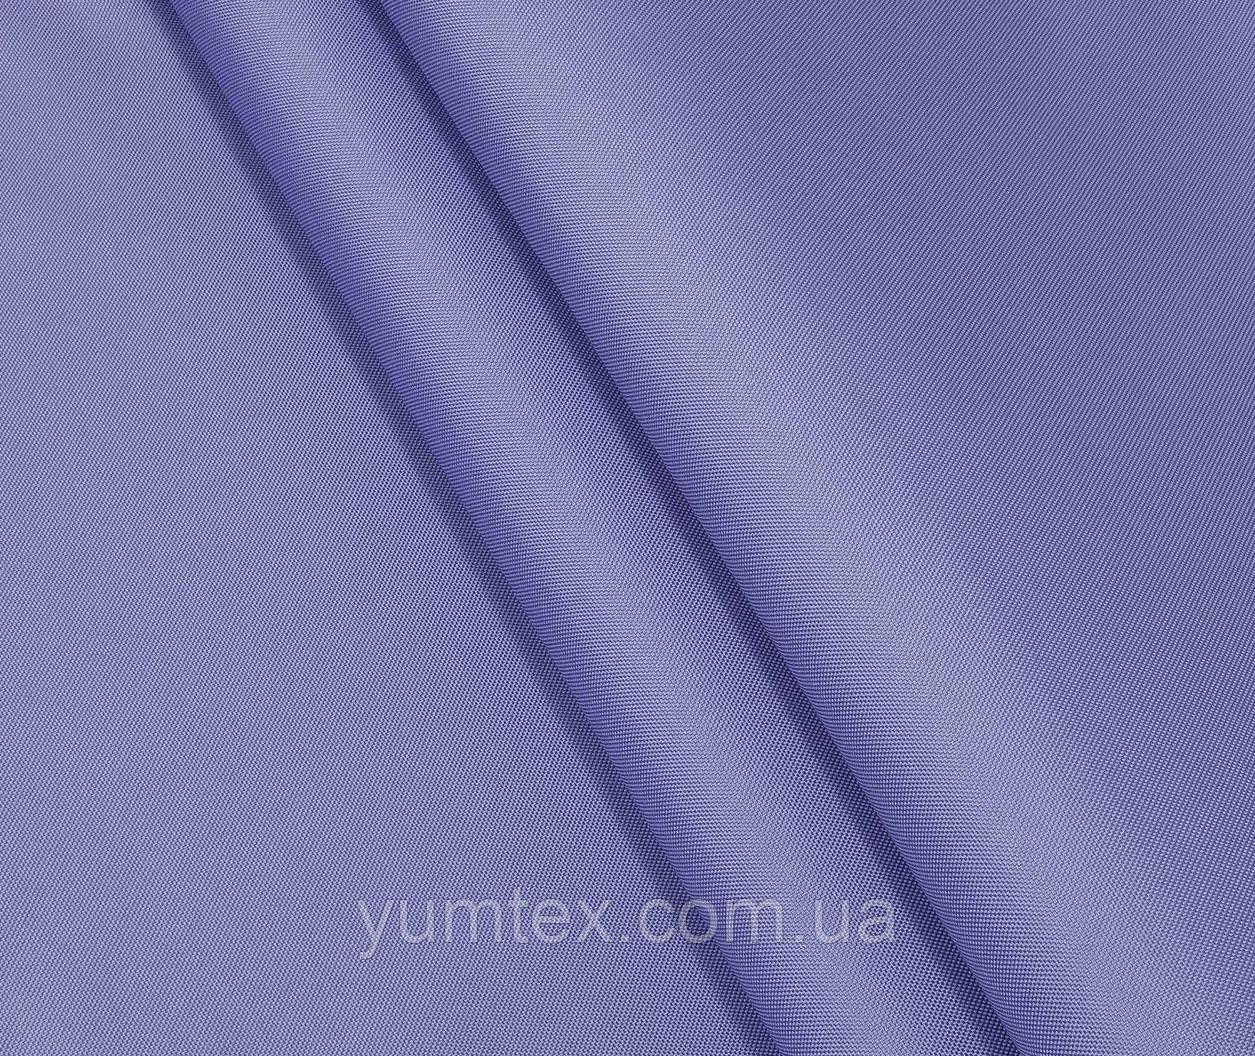 Ткань для тентов палаток качелей маркиз зонтов № 215 сиреневый